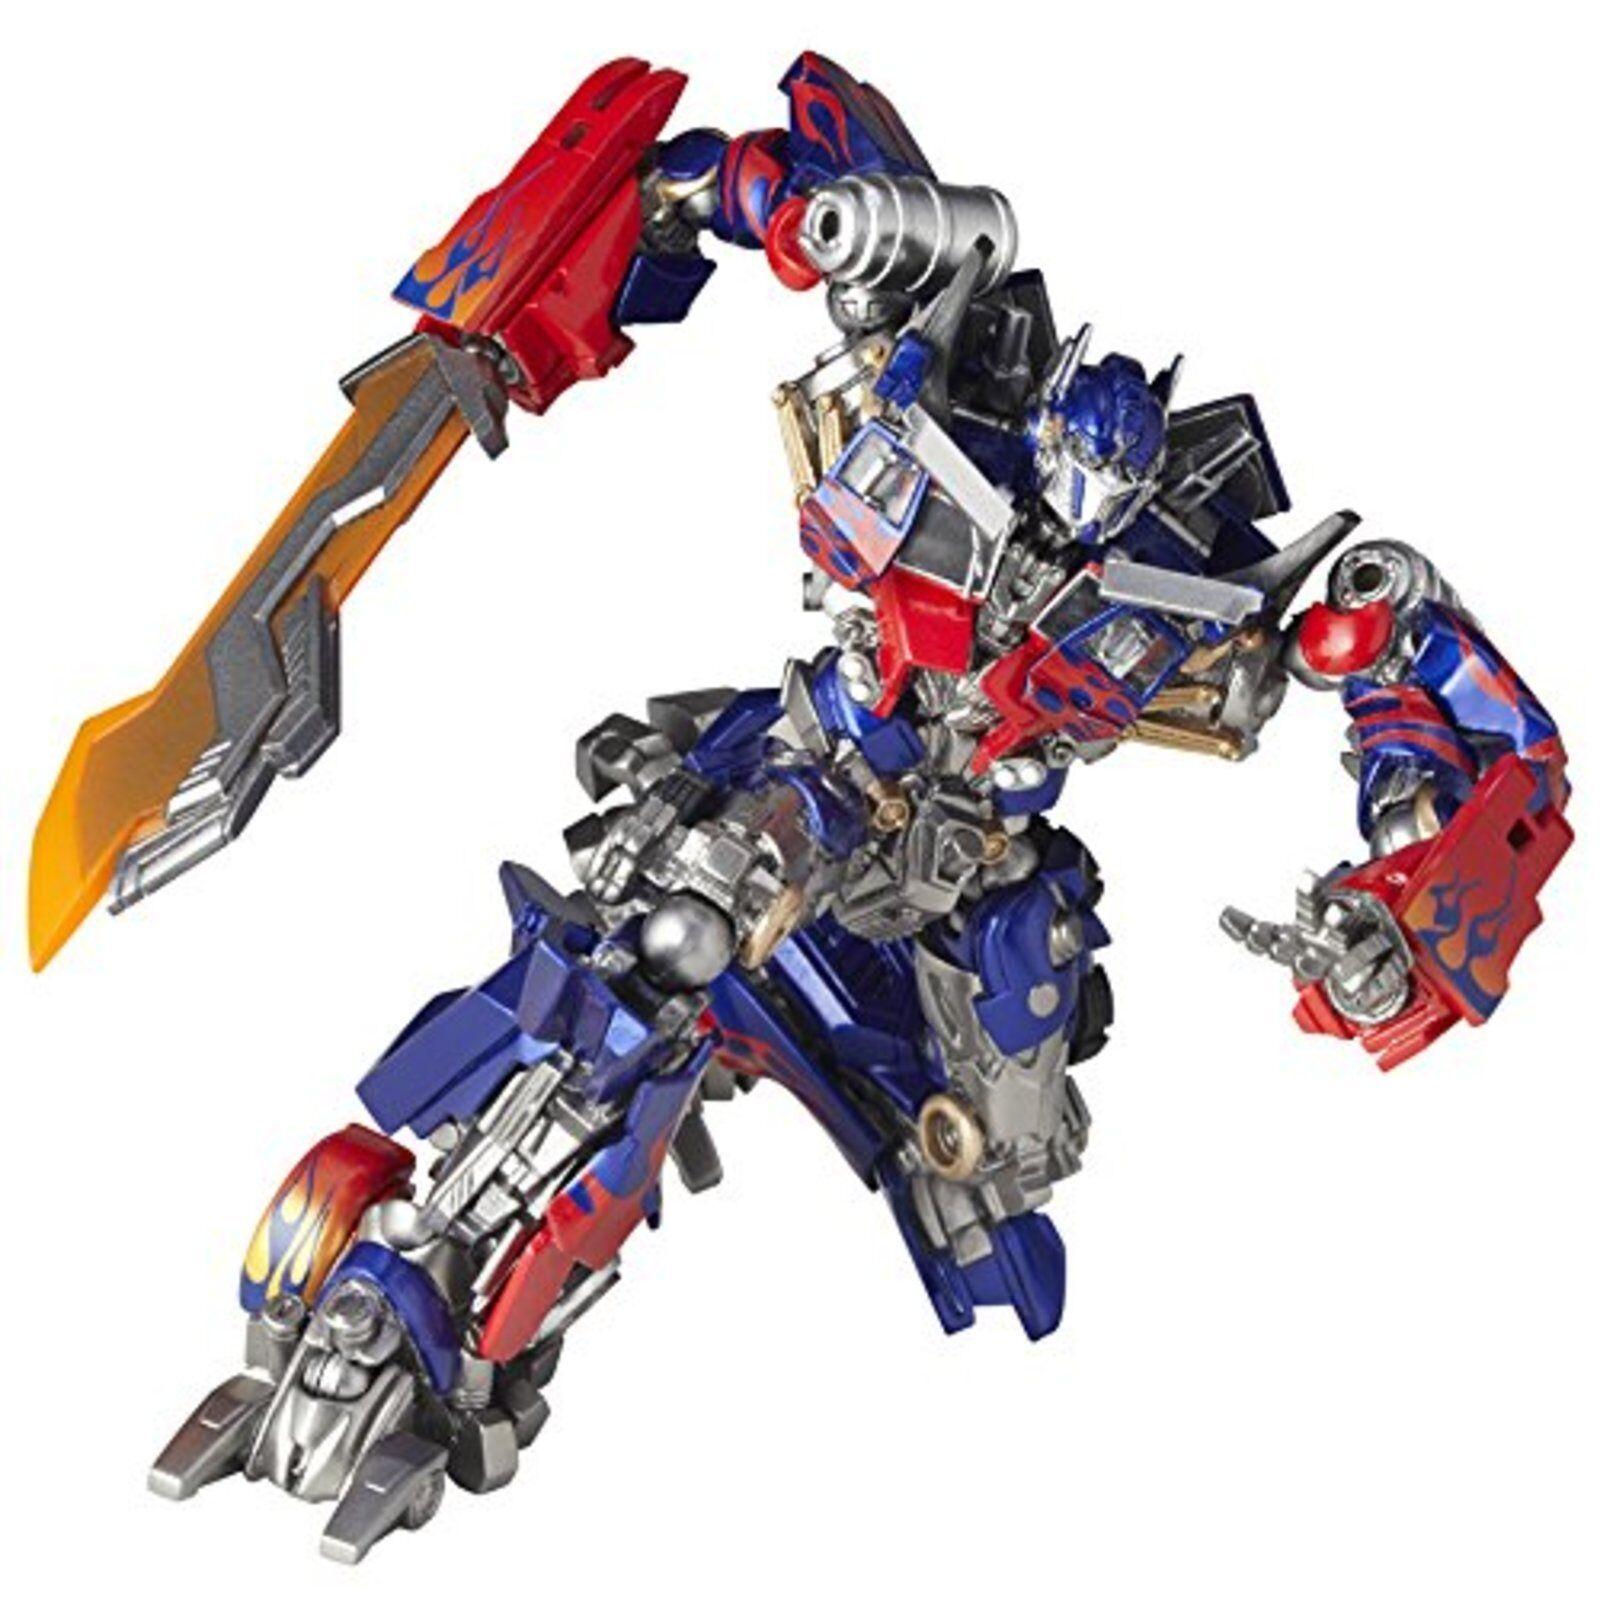 Kaiyodo Legacy  Of Revoltech Lr-049 Transformers Optimus Prime Statuetta F S  nuovi prodotti novità